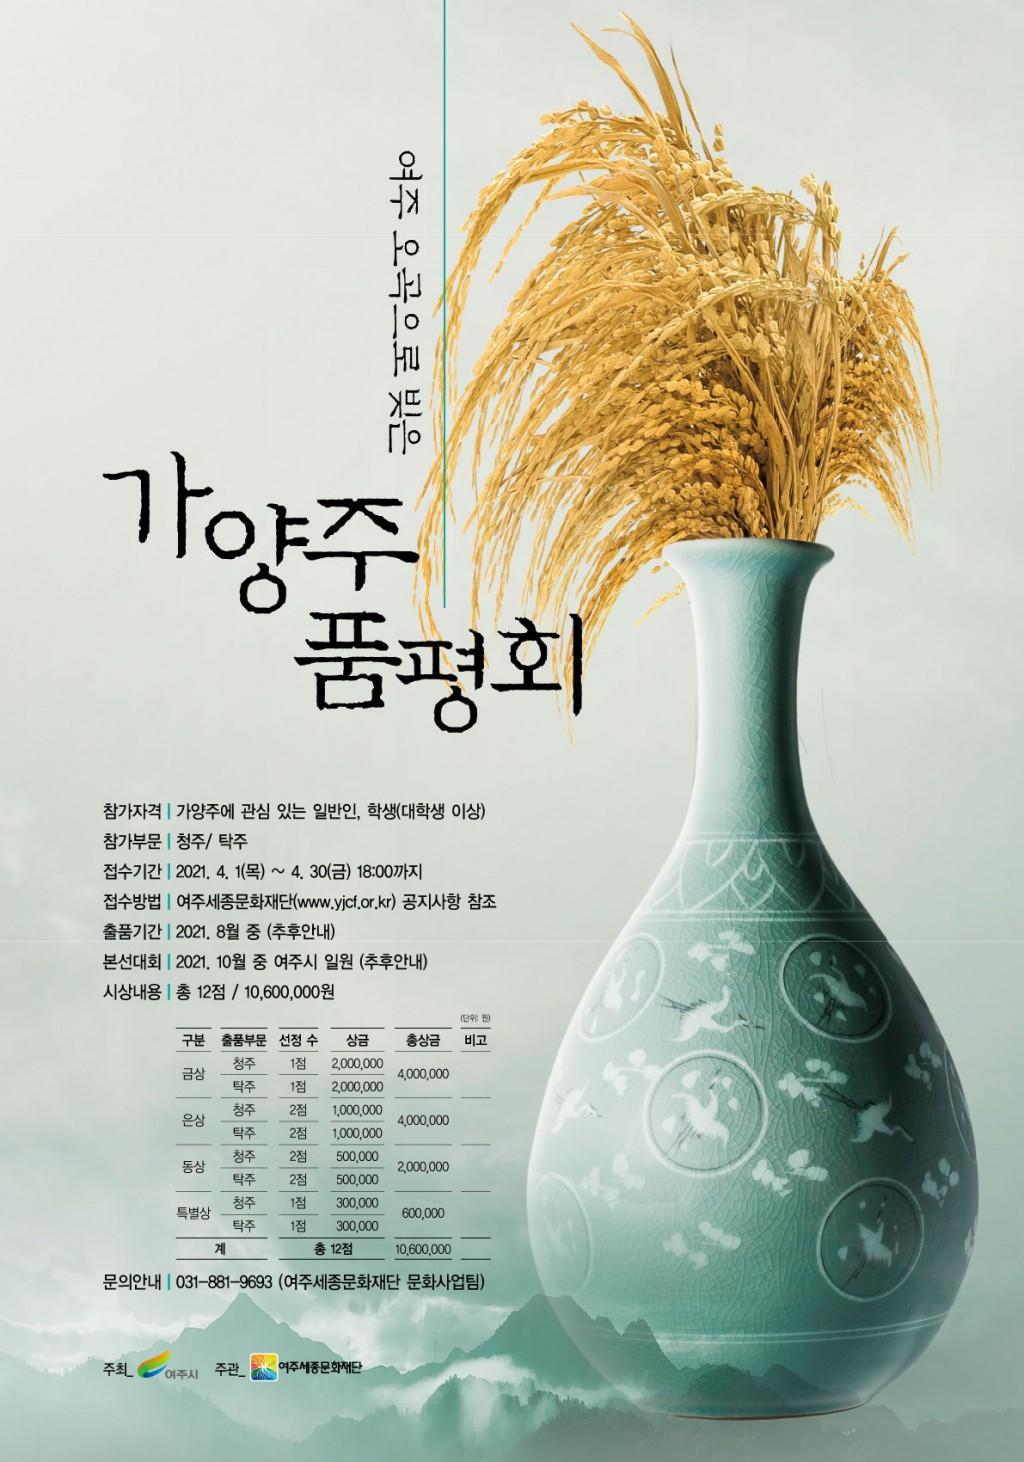 '여주 오곡으로 빚은 가양주 품평회'...195건 접수 '후끈'